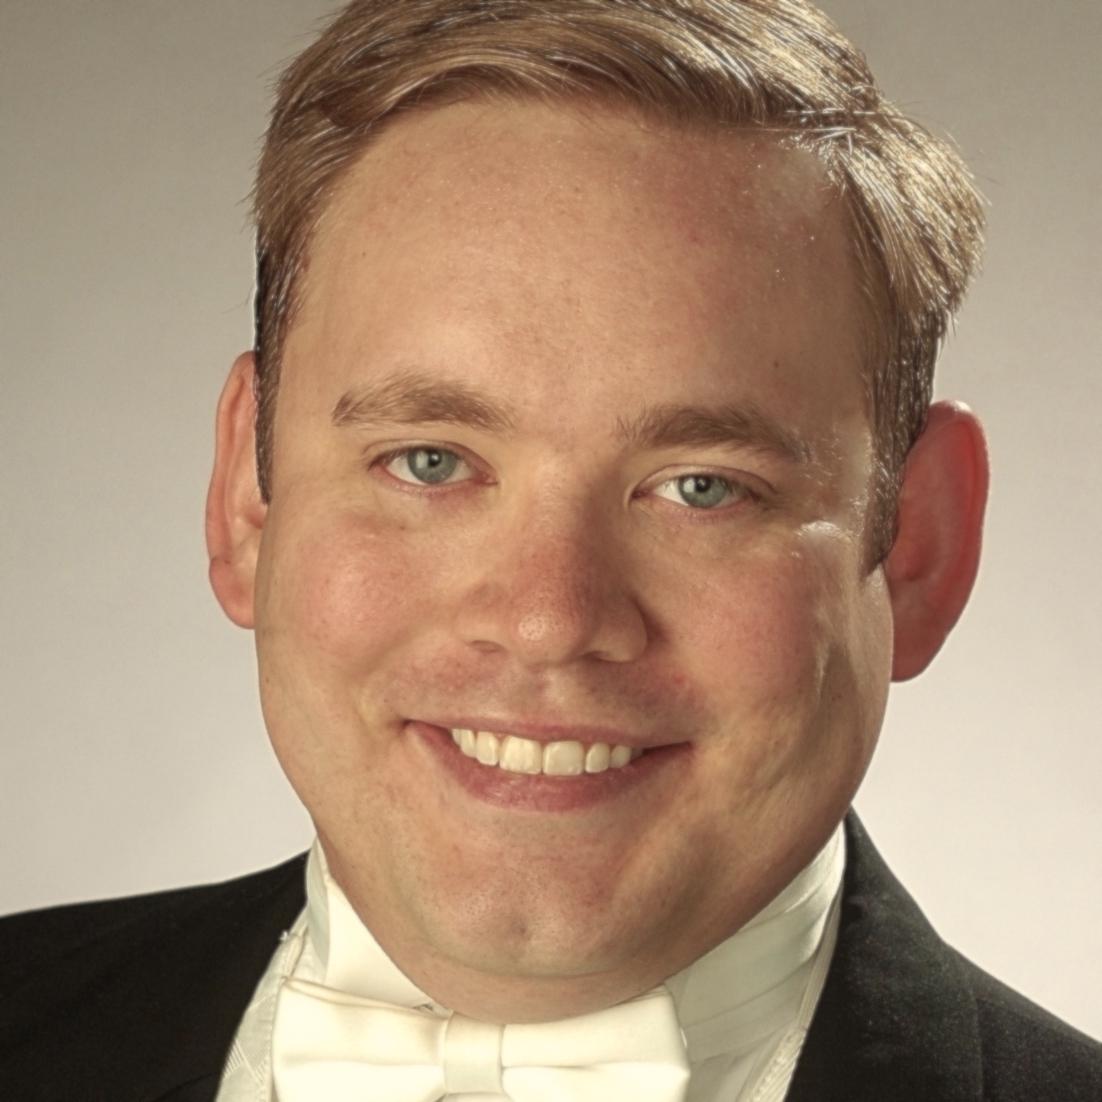 Thomas Lerew